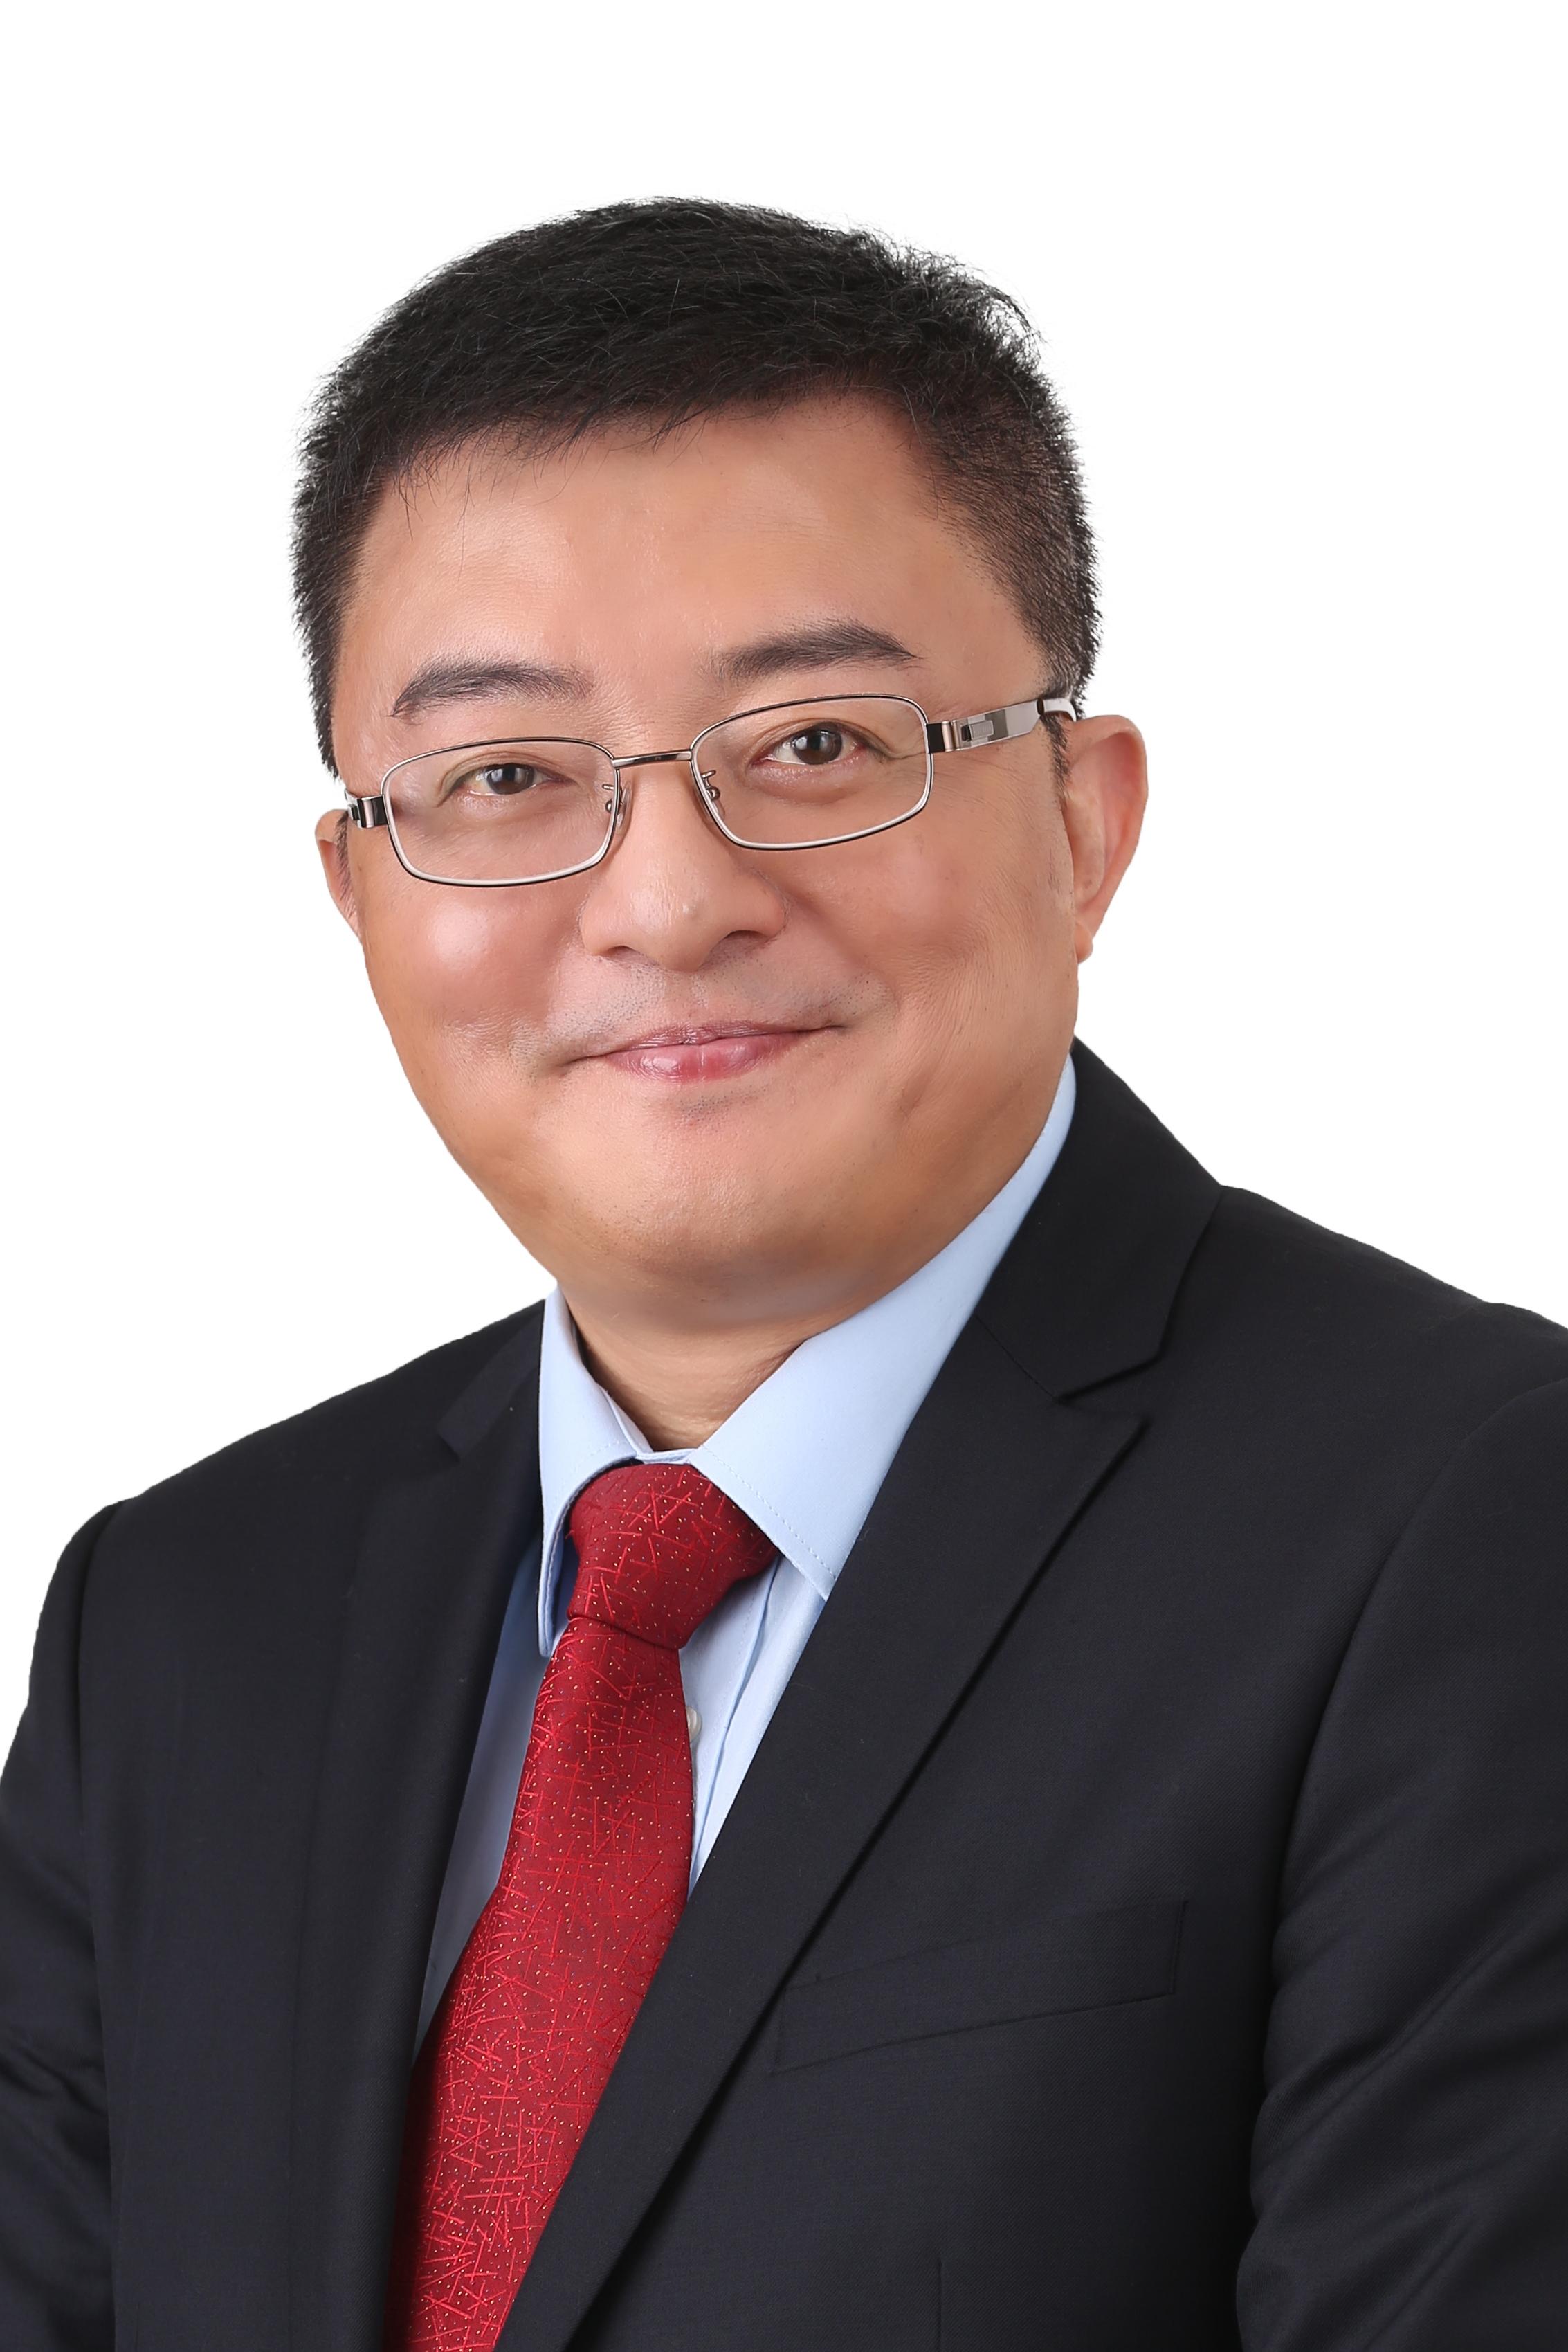 Sherman Chong